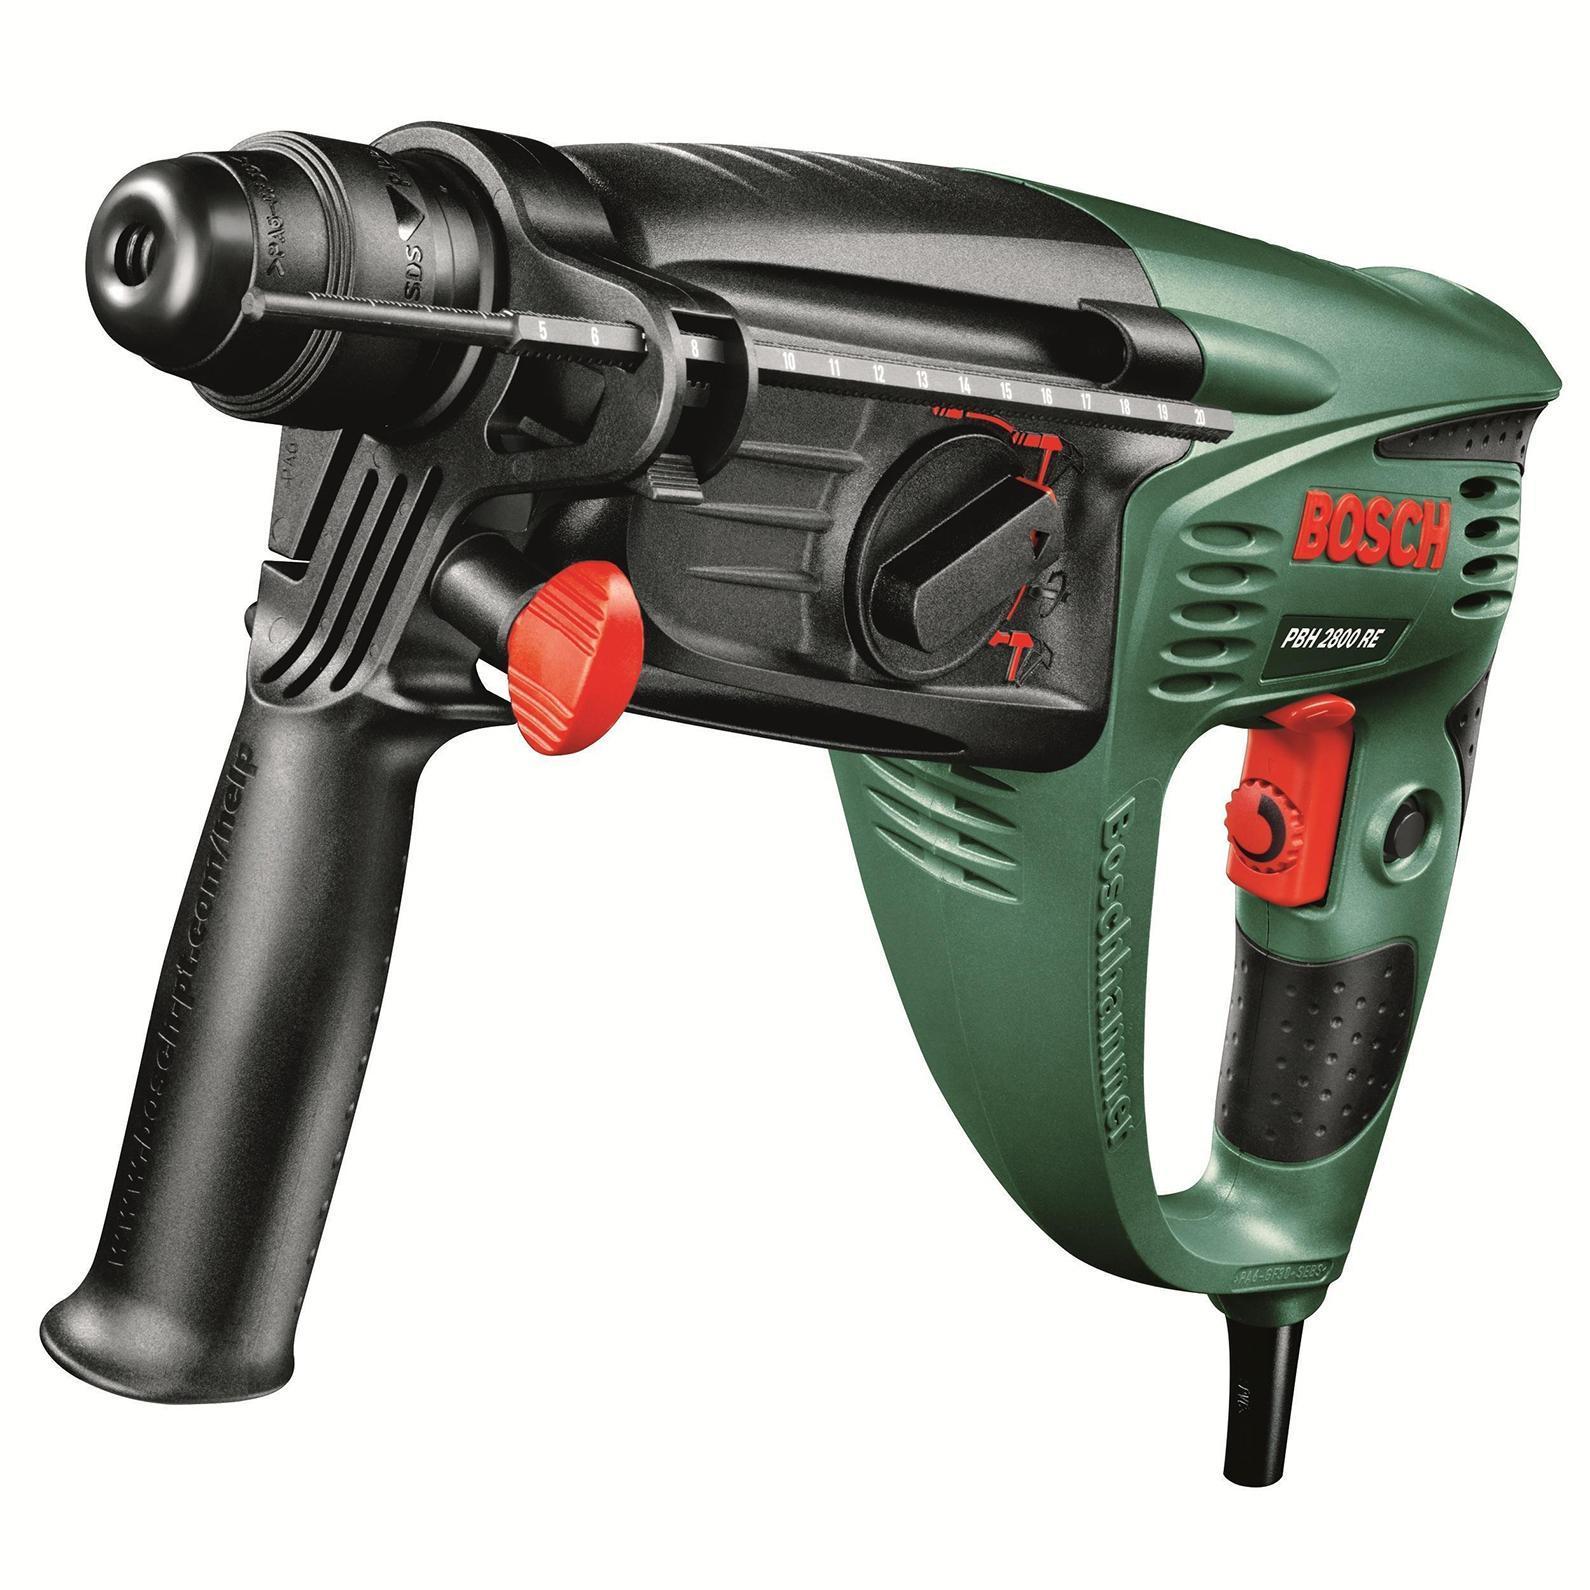 Bosch PBH 3000 FRE перфоратор (0603393220)PBH 3000 FREДомашний помощник Производитель ручного инструмента Bosch для использования как в быту, так и на производстве. Перфоратор предназначен для создания отверстий в металле, в дереве и других твердых материалах. В режиме «сверление с ударом» или «долбление» инструмент способен продолбить отверстие в бетоне, кирпиче, керамике. Отличная производительность При относительно не сложных видах работ, а также при эксплуатации инструмента на высоте вам необходим сравнительно легкий и производительный перфоратор. Именно таким является от производителя Bosch. Весом 3 кг, он снабжен мощным двигателем 750 Вт и длинным сетевым кабелем 3 м. Модель имеет функцию удара с энергией 2.8 Дж, частотой 4000 уд/мин., что делает его отличным «убийцей» бетона и кирпича. Долбить или сверлить Самым популярным режимом большинства перфораторов является режим «сверления с ударом», при котором рабочая оснастка получает одновременно...